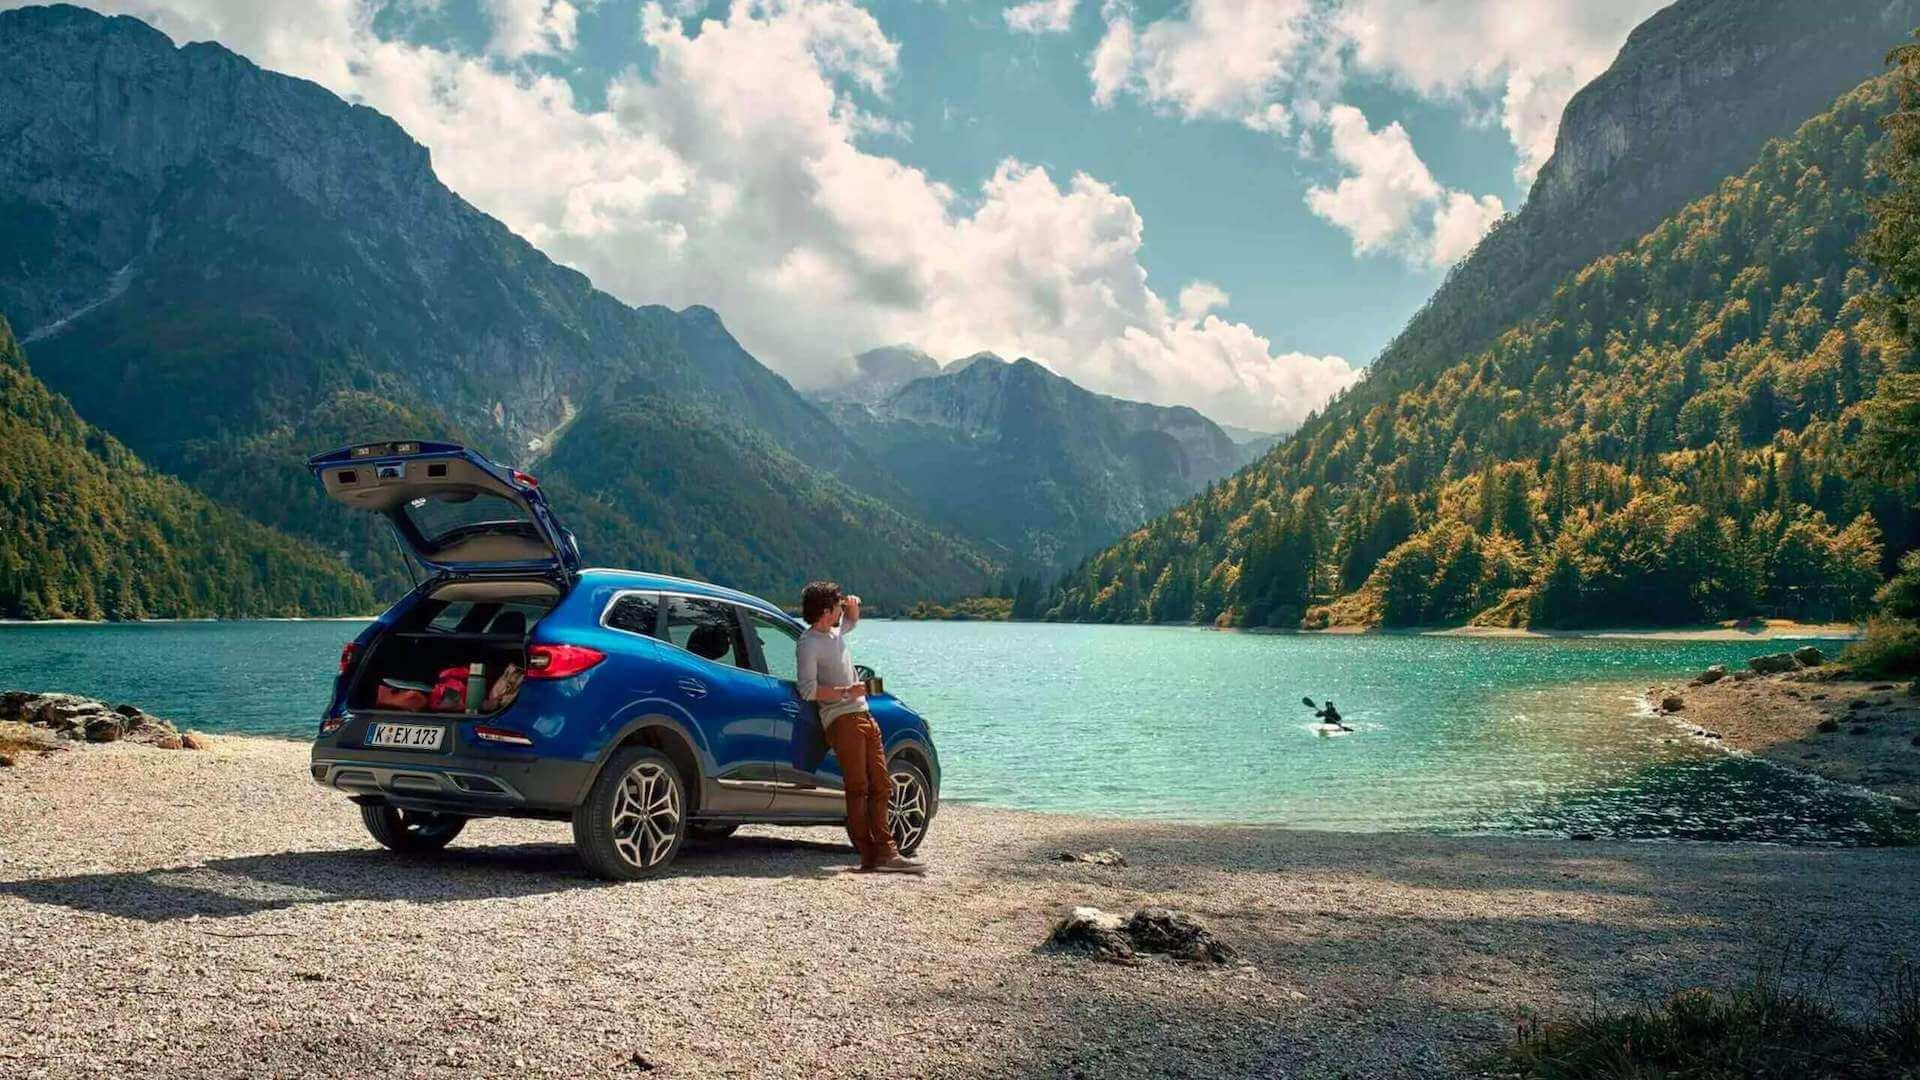 Heckansicht Kofferraum geöffnet - Blaues Auto steht an einem See mit Bergen- Auto fährt in einer Kurve - Renault Kadjar - Renault Ahrens Hannover